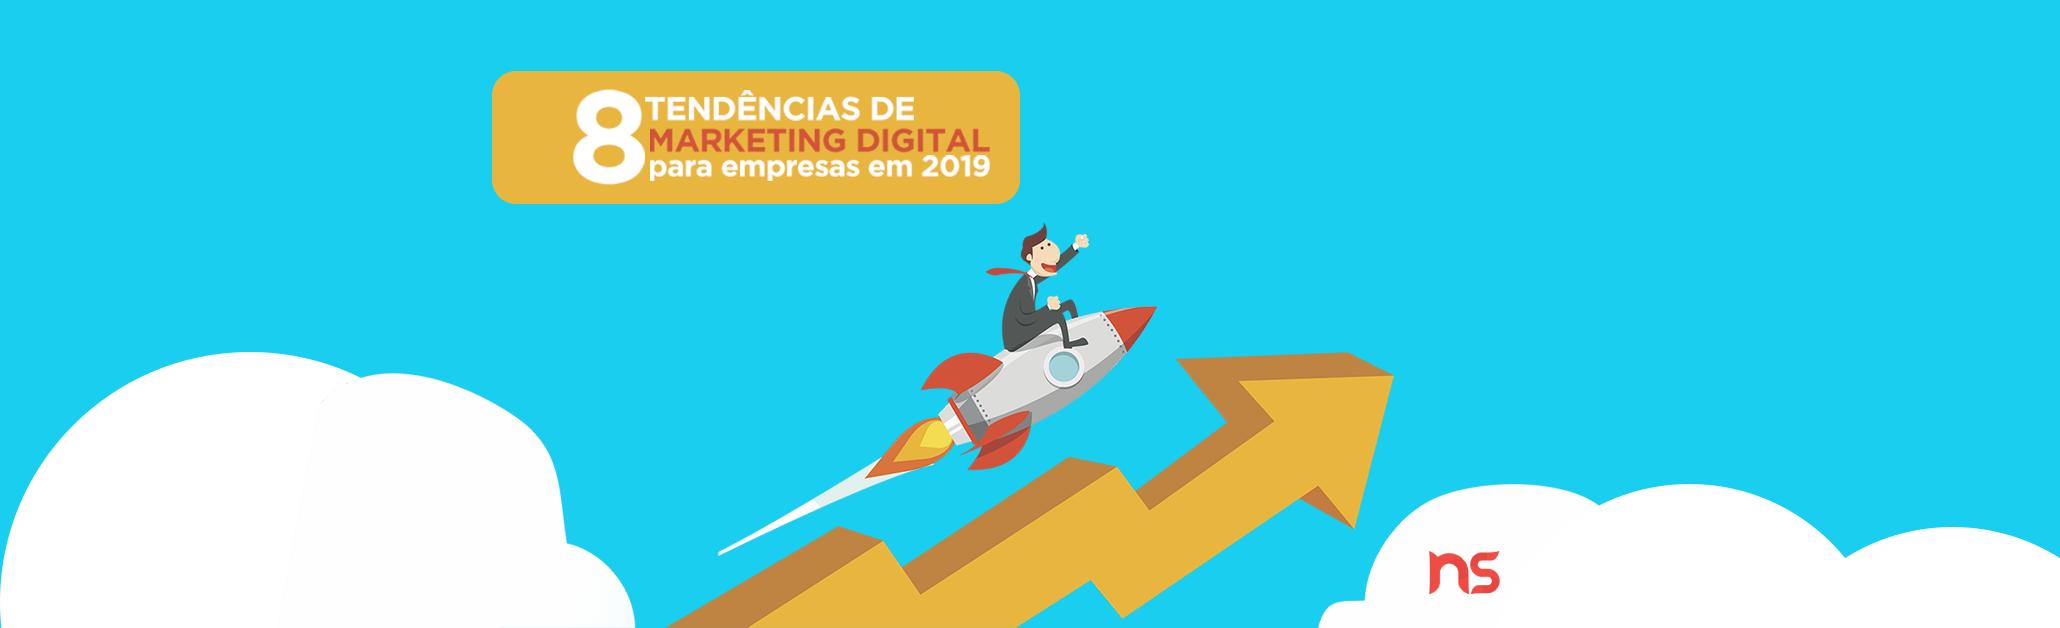 8 Tendências de Marketing Digital para as Empresas em 2019